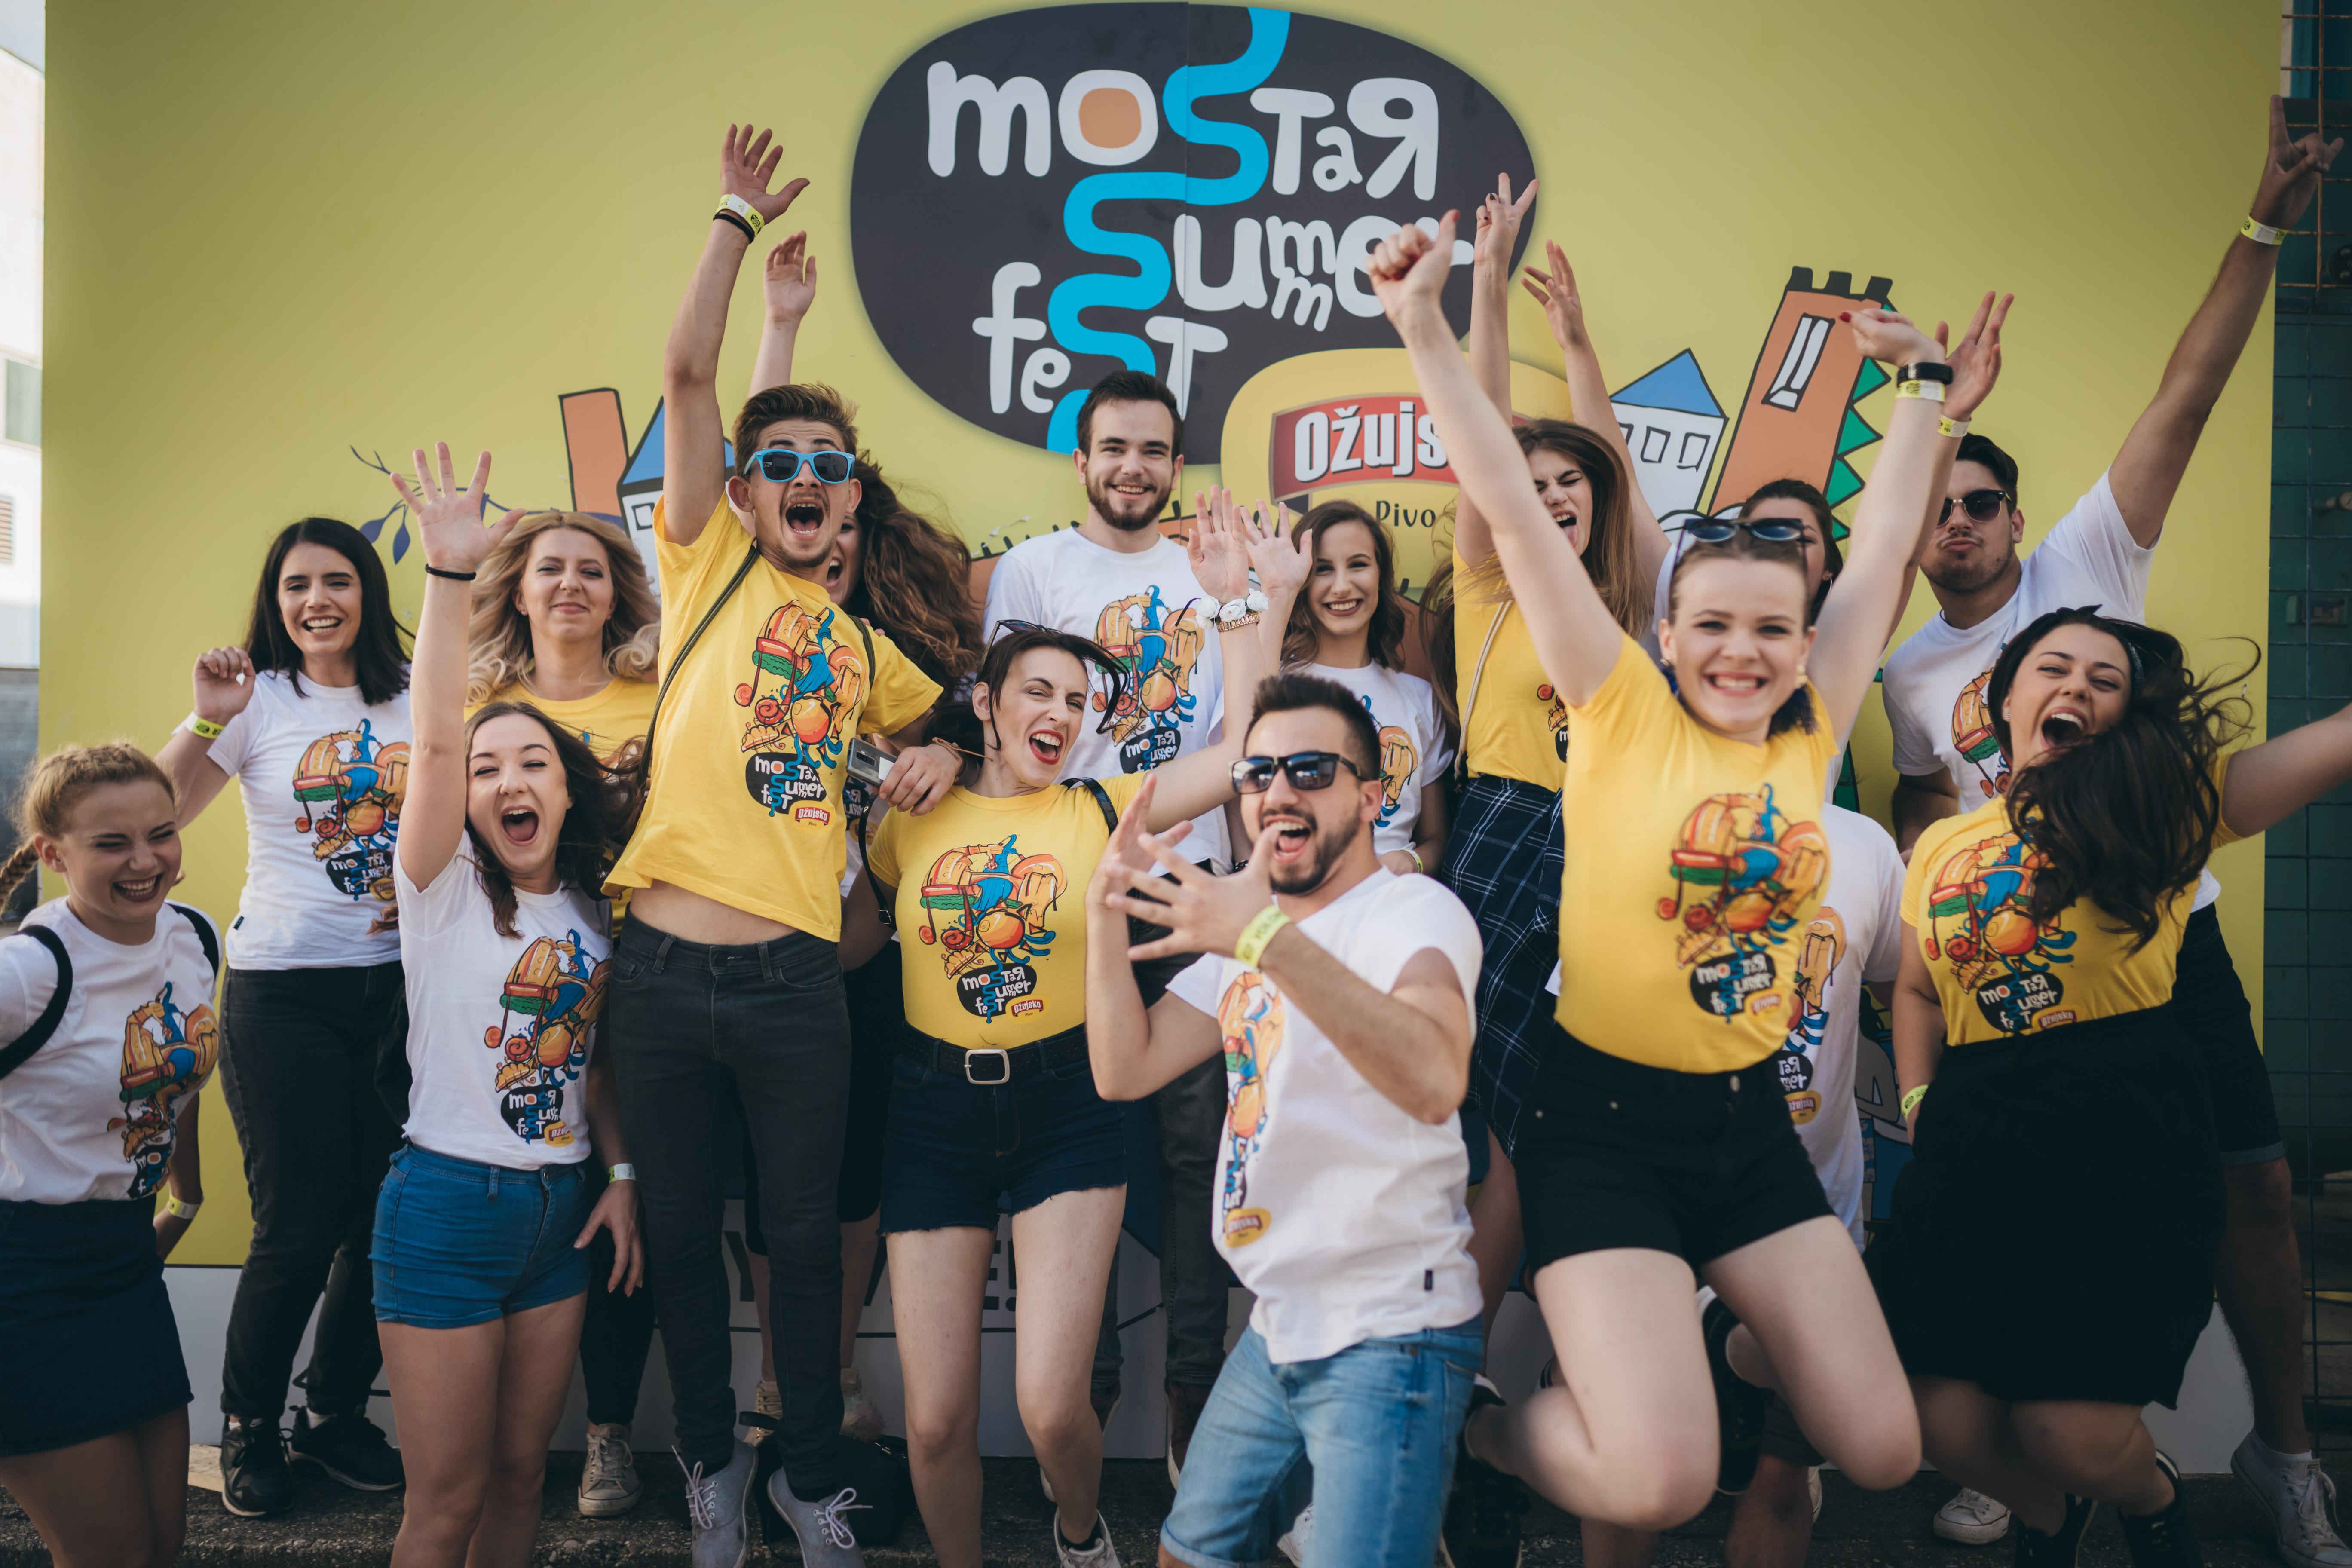 Postani volonter Mostar Summer Festa!